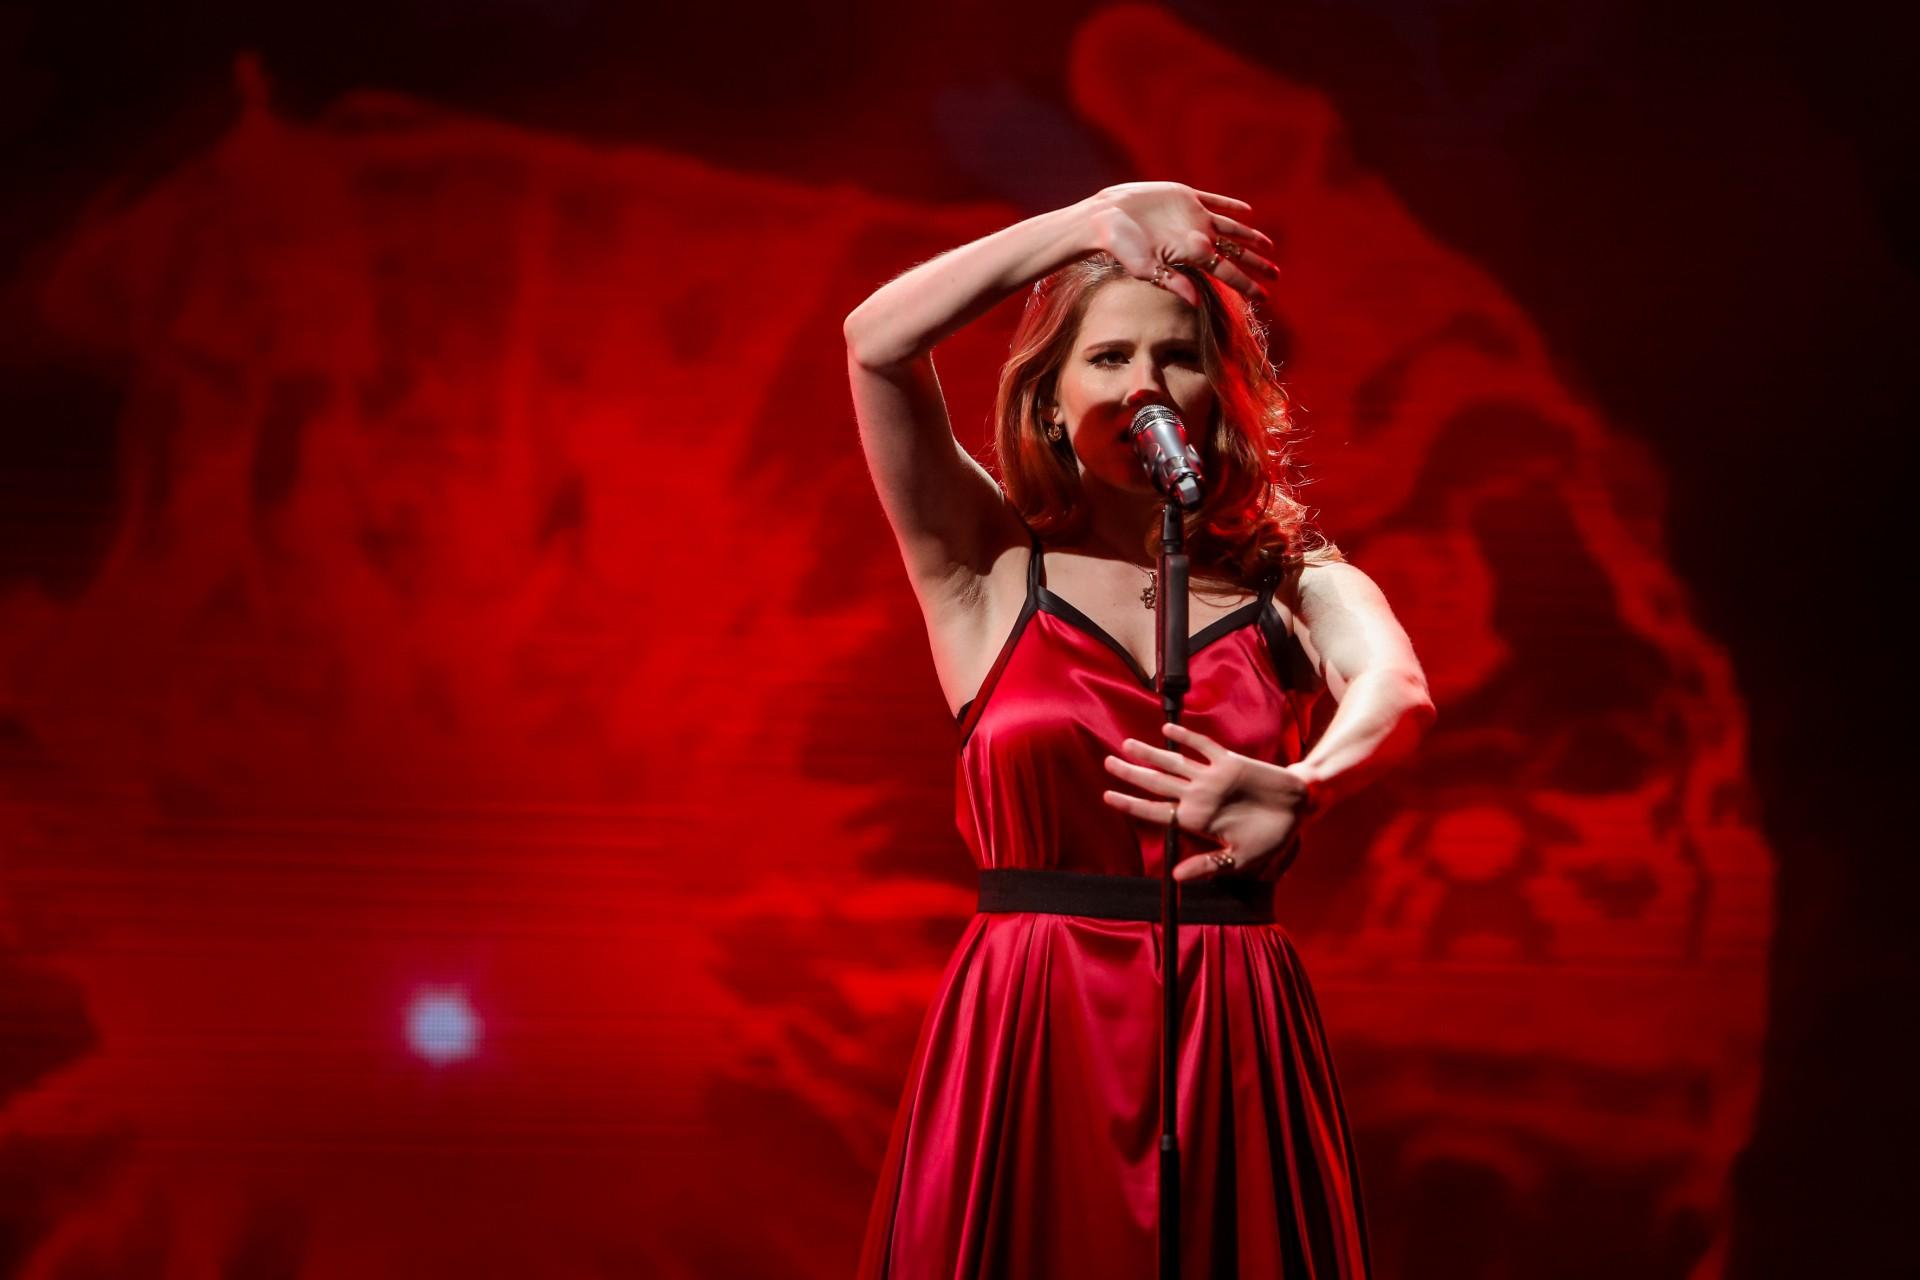 Видео клипы к песне подбираются автоматически сайтом bronnitsy-montaz.ru возможны некоторые несоответствия клипов песне.